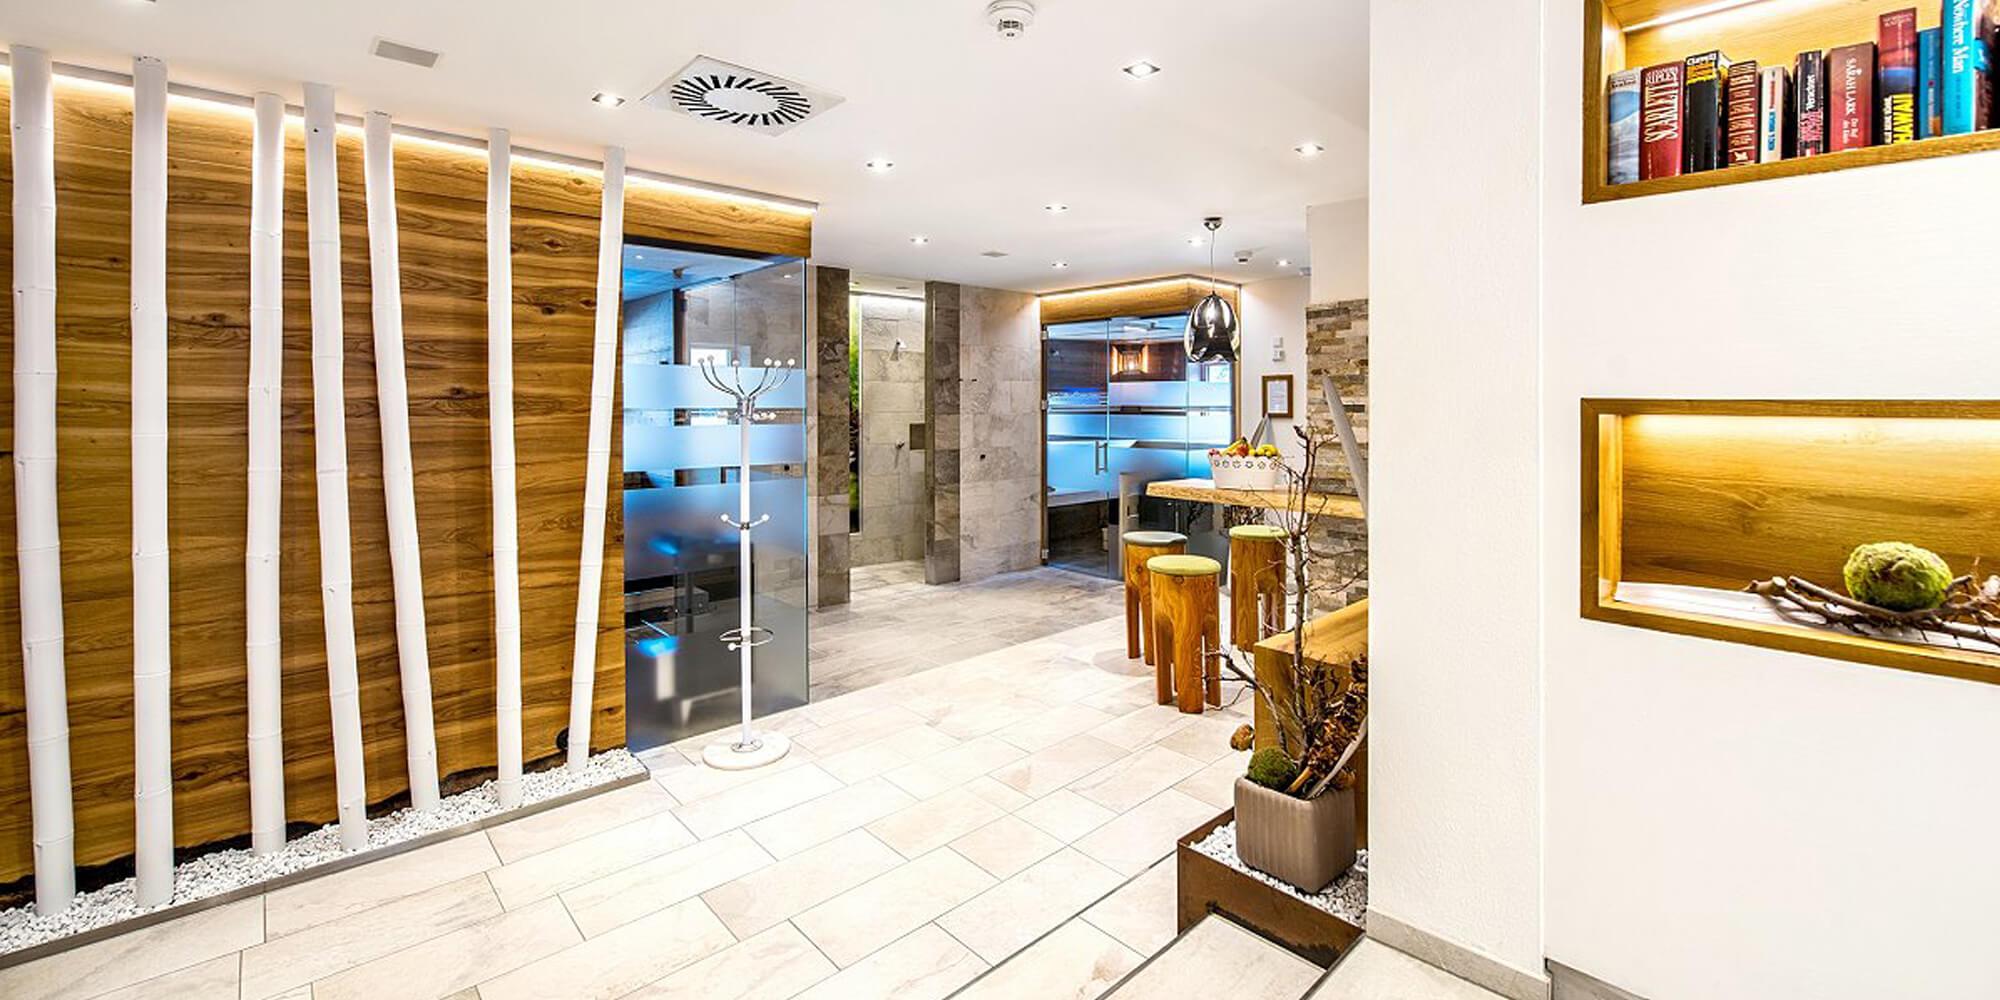 Crea-Plan-Design-Rauch-Frühmann-Architektur-Innenarchitektur-Design-Projekt-Referenz-Hotelerie-Gastronomie-Hotel-Donauschlinge-Wellness-3